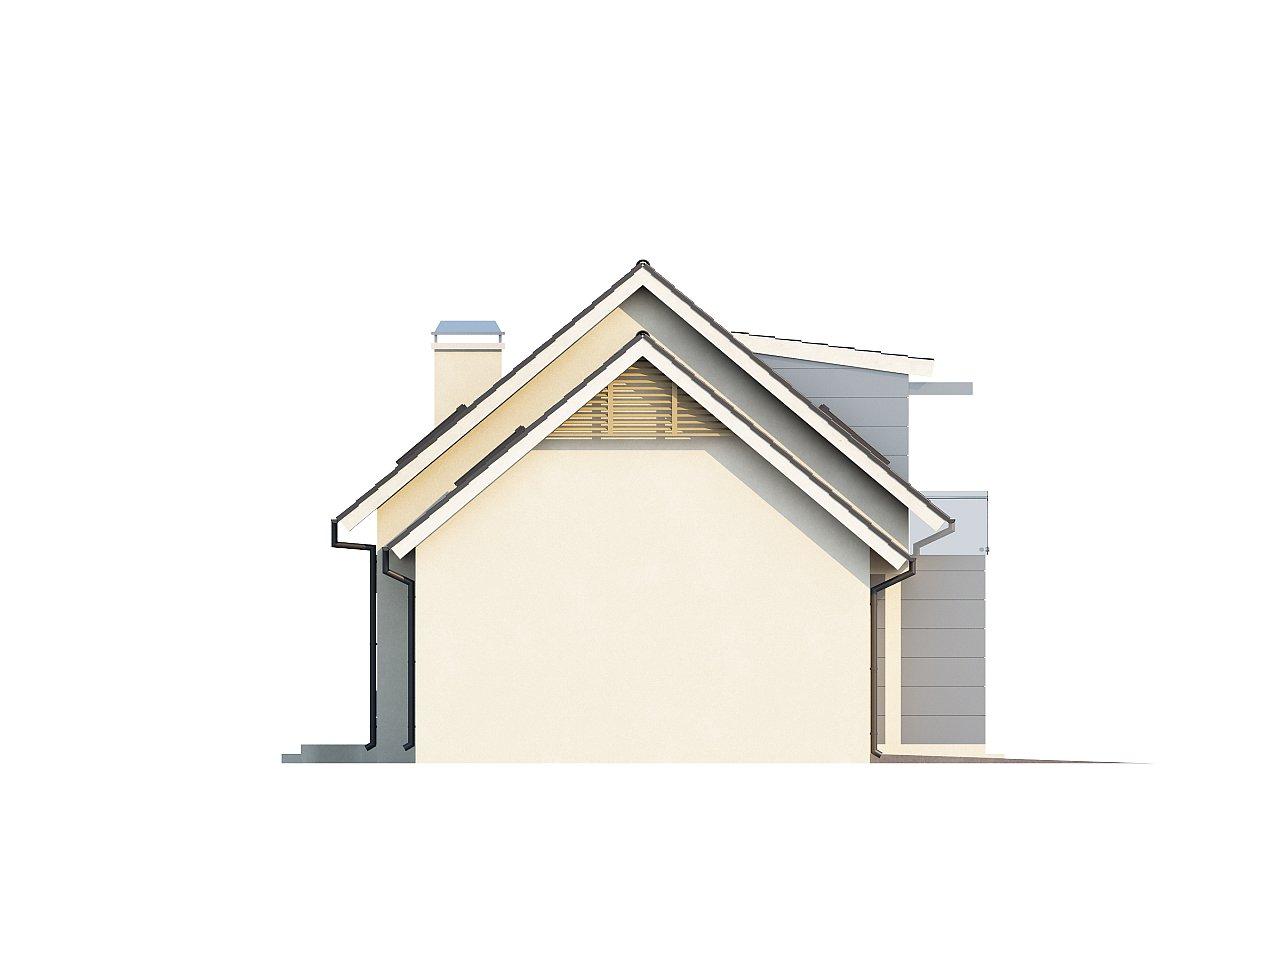 Традиционный практичный дом с современными элементами архитектуры. 10